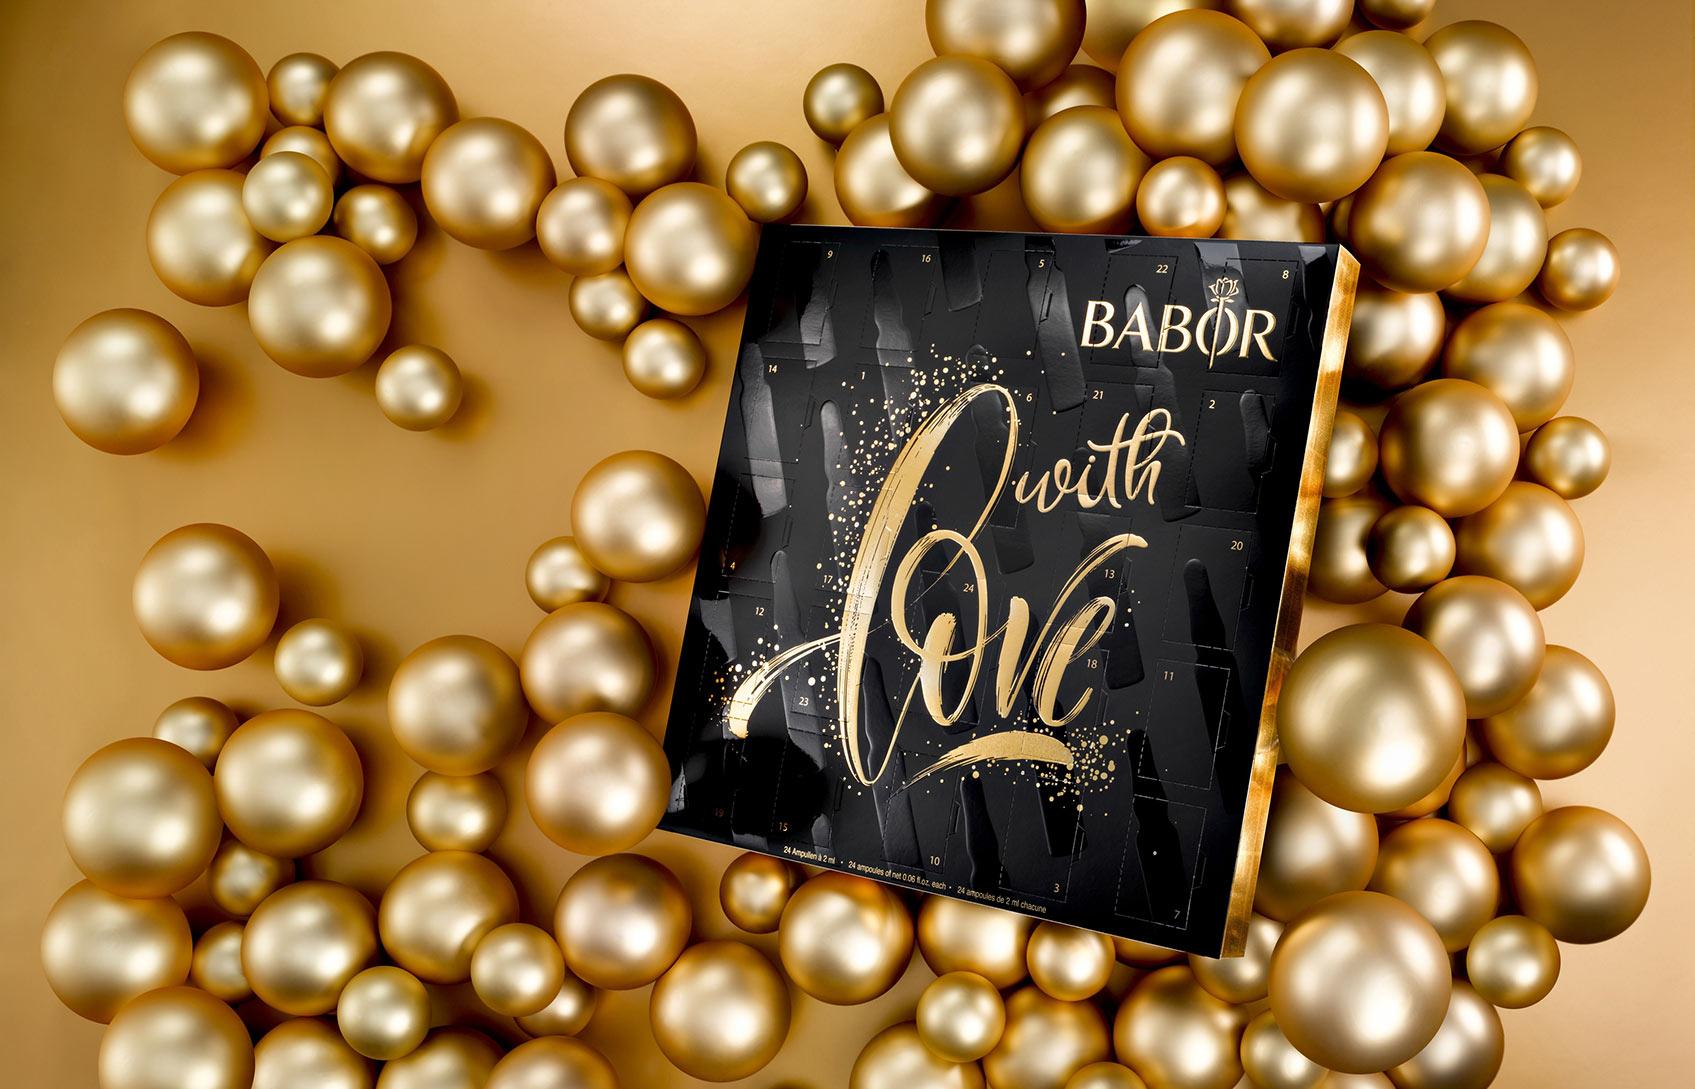 рождественский адвент-календарь babor